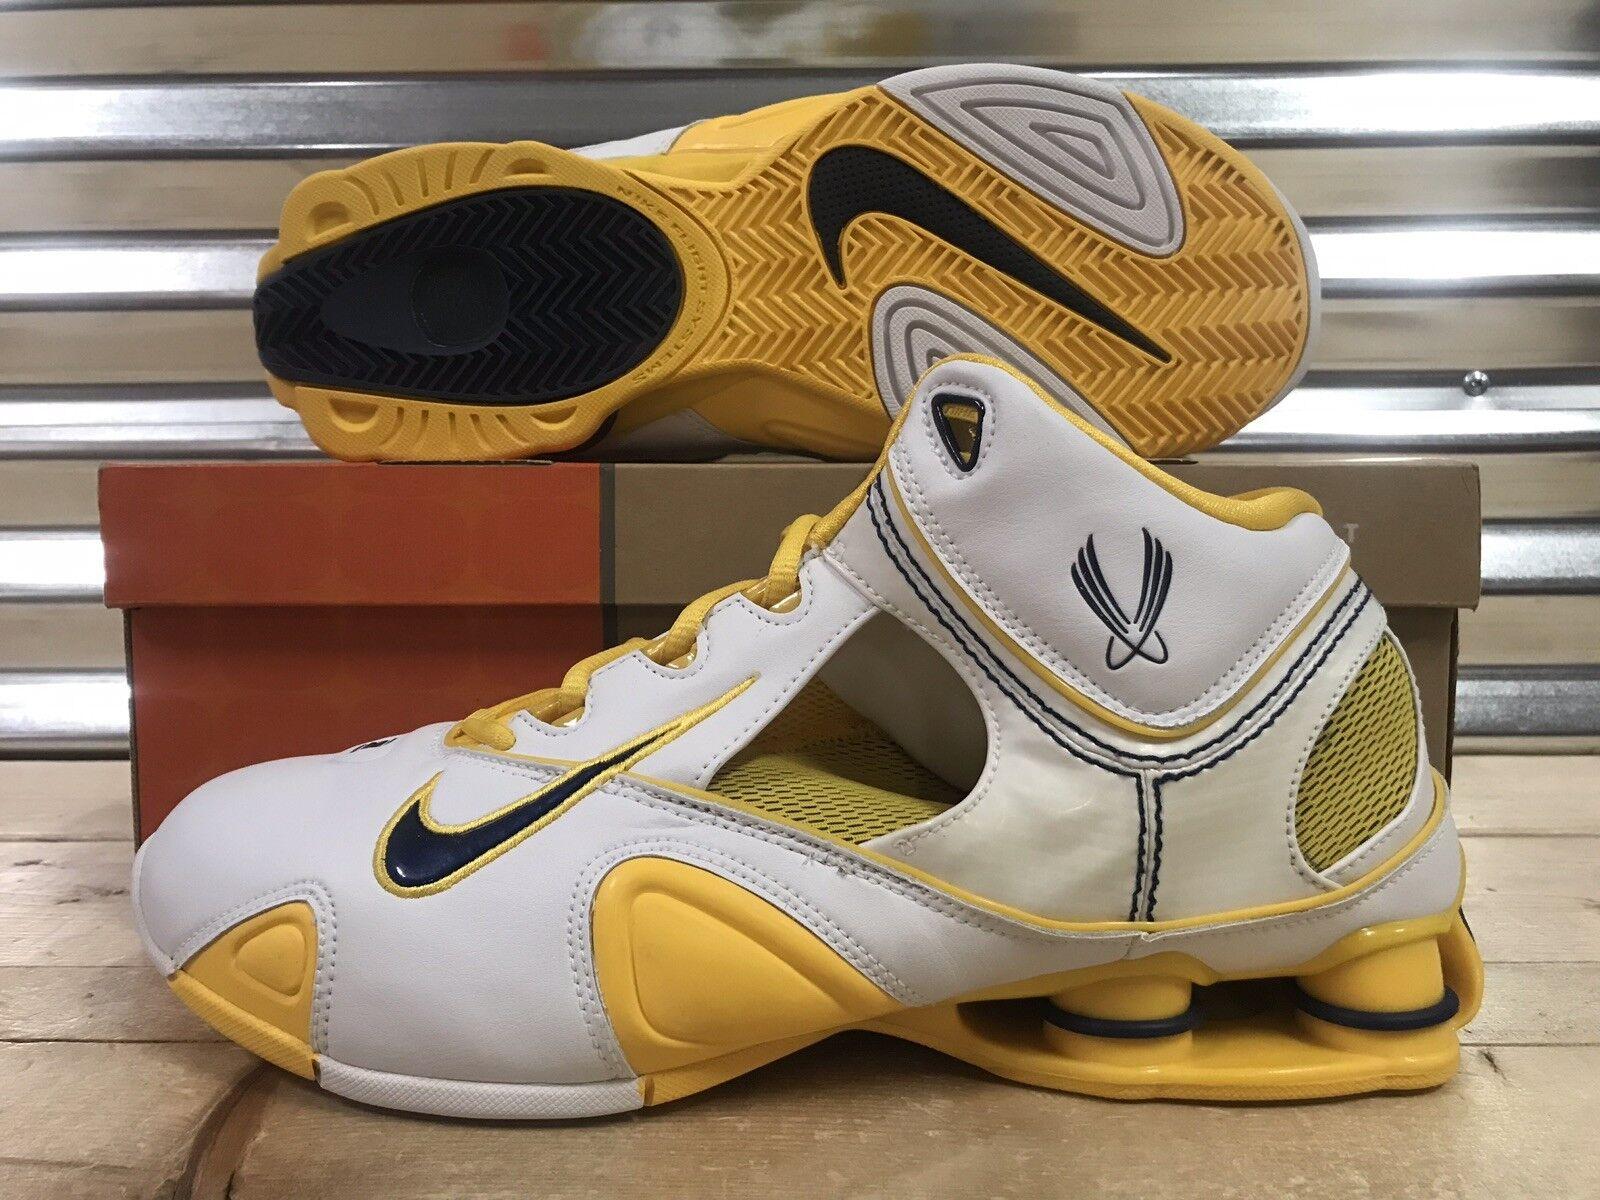 Nike Shox Certified Retro shoes Vince Carter Navy Maize SZ 11.5 ( 312744-146 )